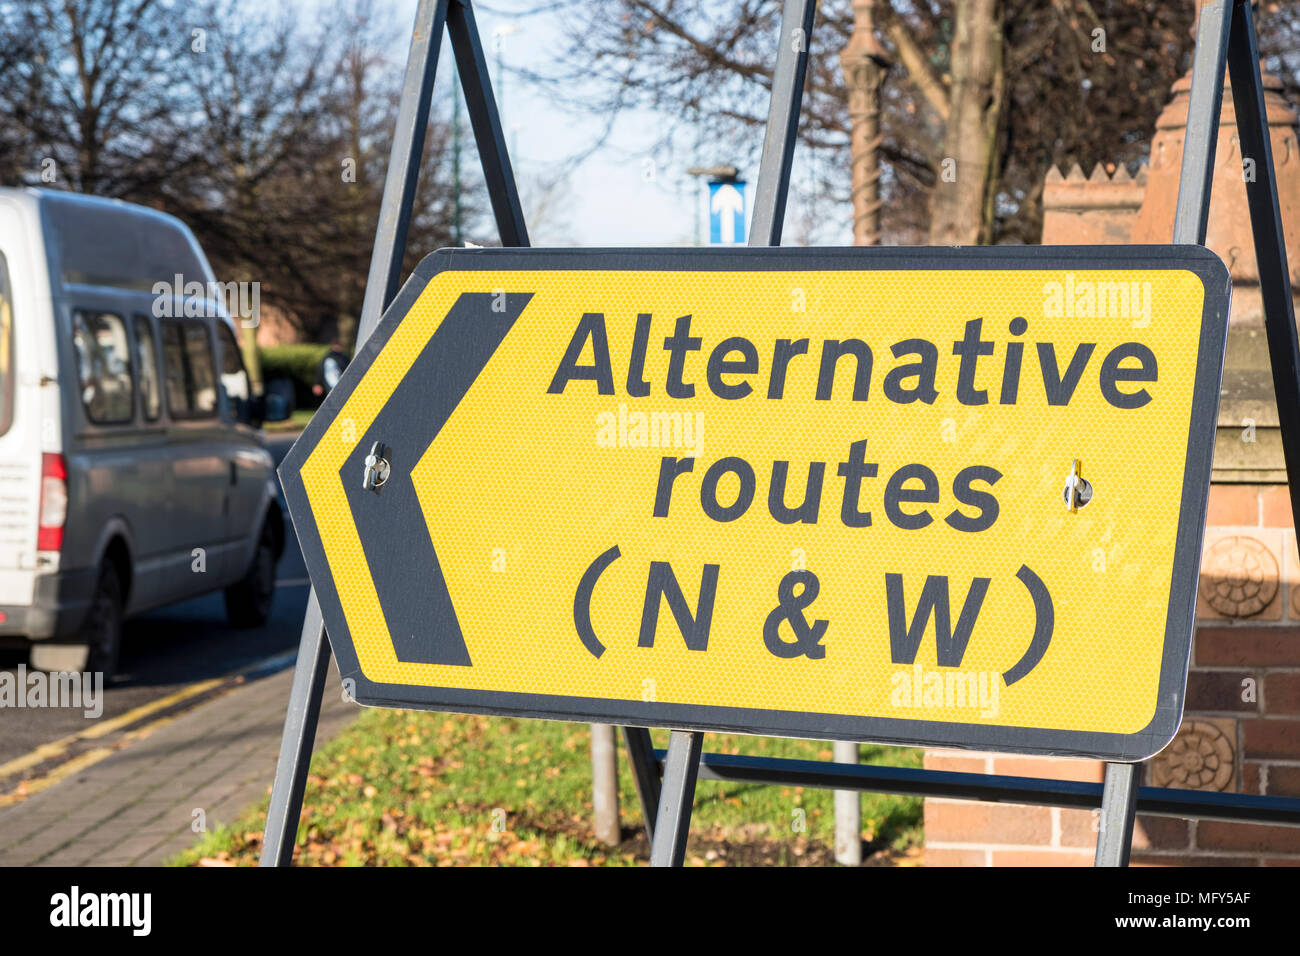 Befristete alternative Routen Straßenschild Verkehr umleiten, Nottingham, England, Großbritannien Stockbild